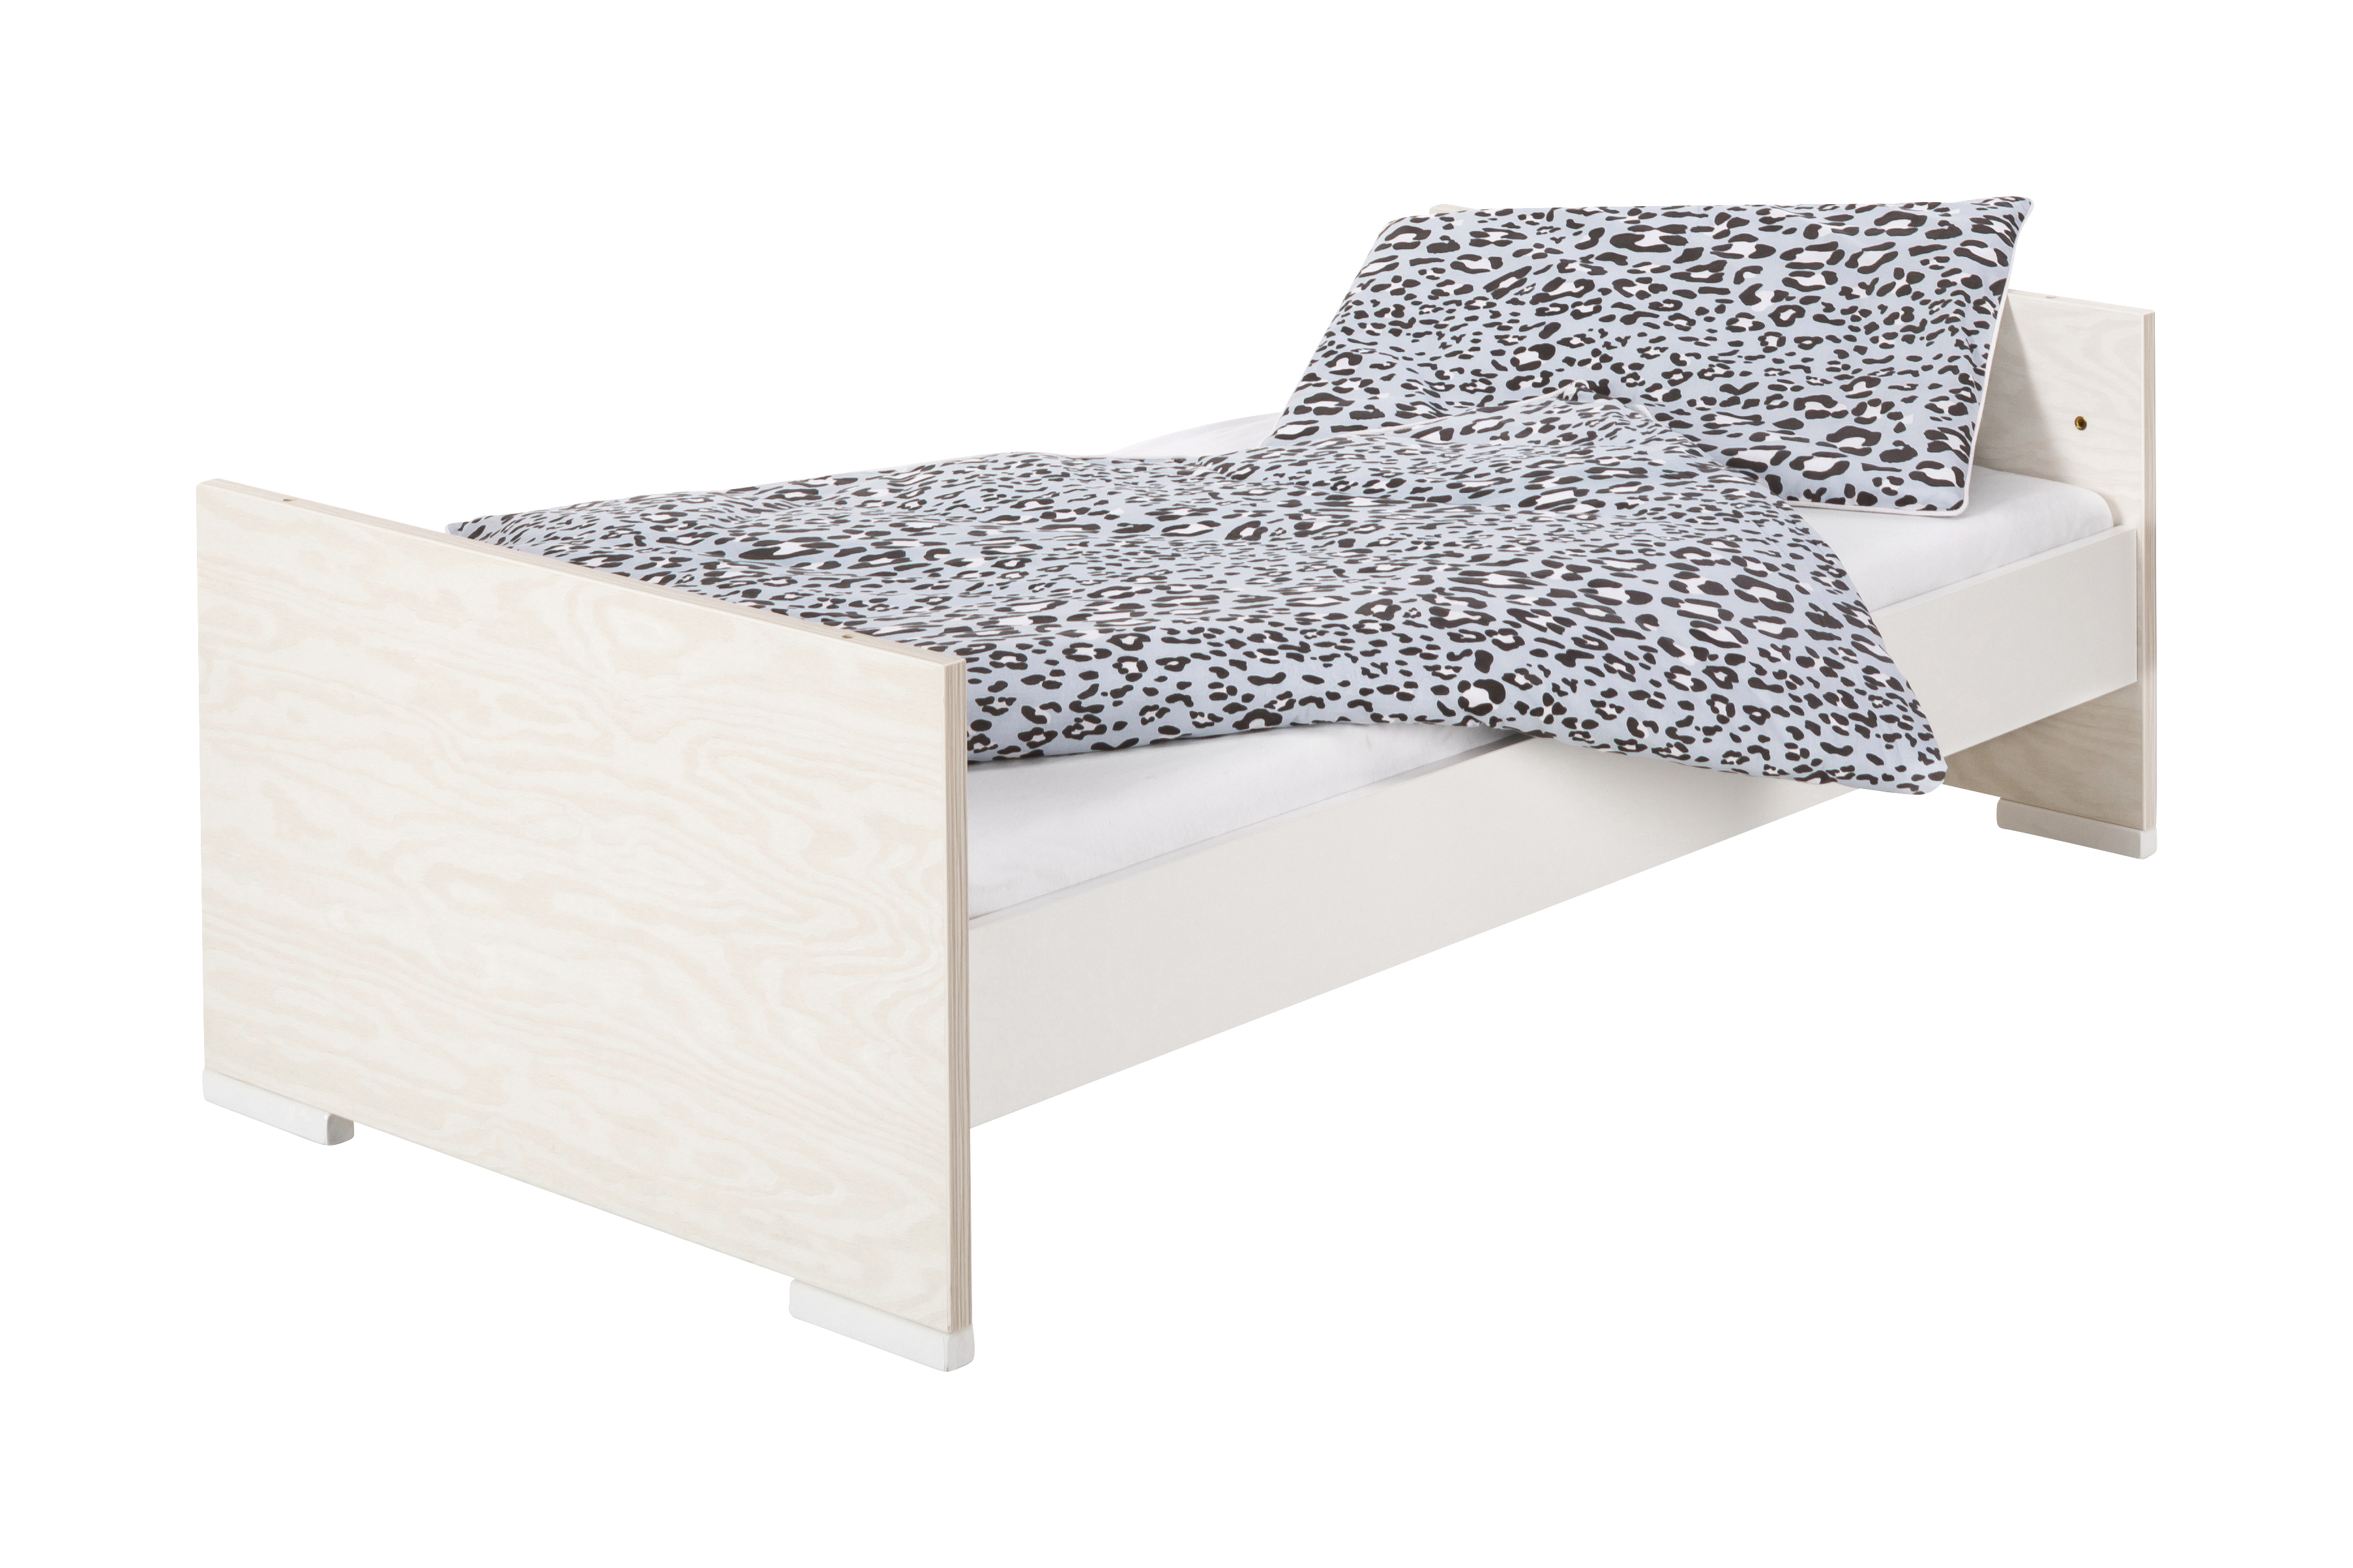 04-250-08-02-Capri-White_Kombi-Kinderbett-70x140-umgebaut-zum-Juniorbett